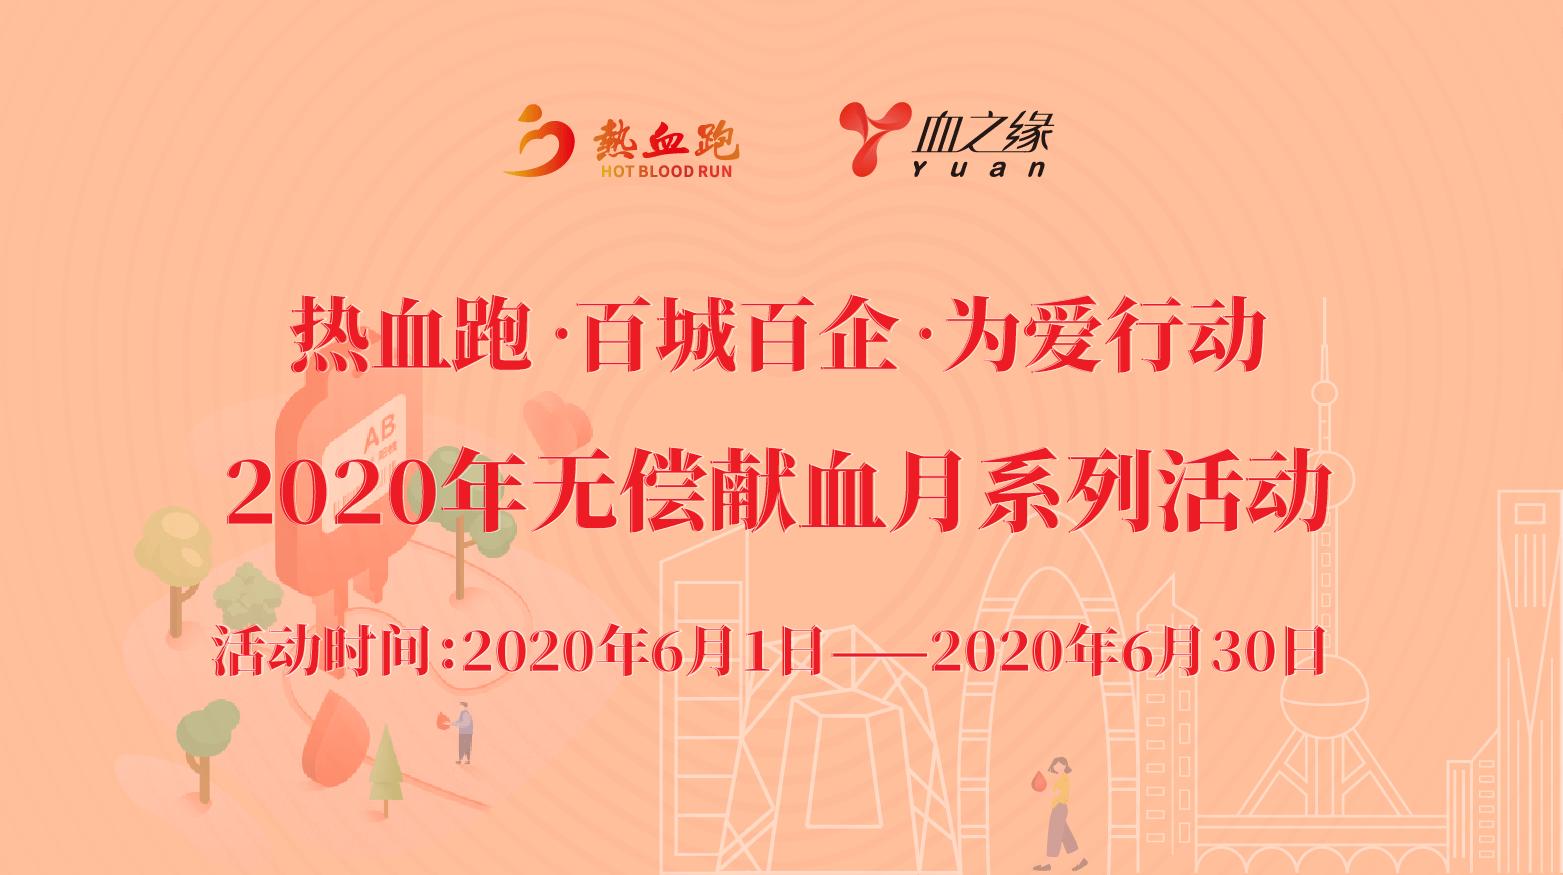 """""""热血跑·百城百企·为爱行动"""" 2020无偿献血月系列活动燃爆登场"""